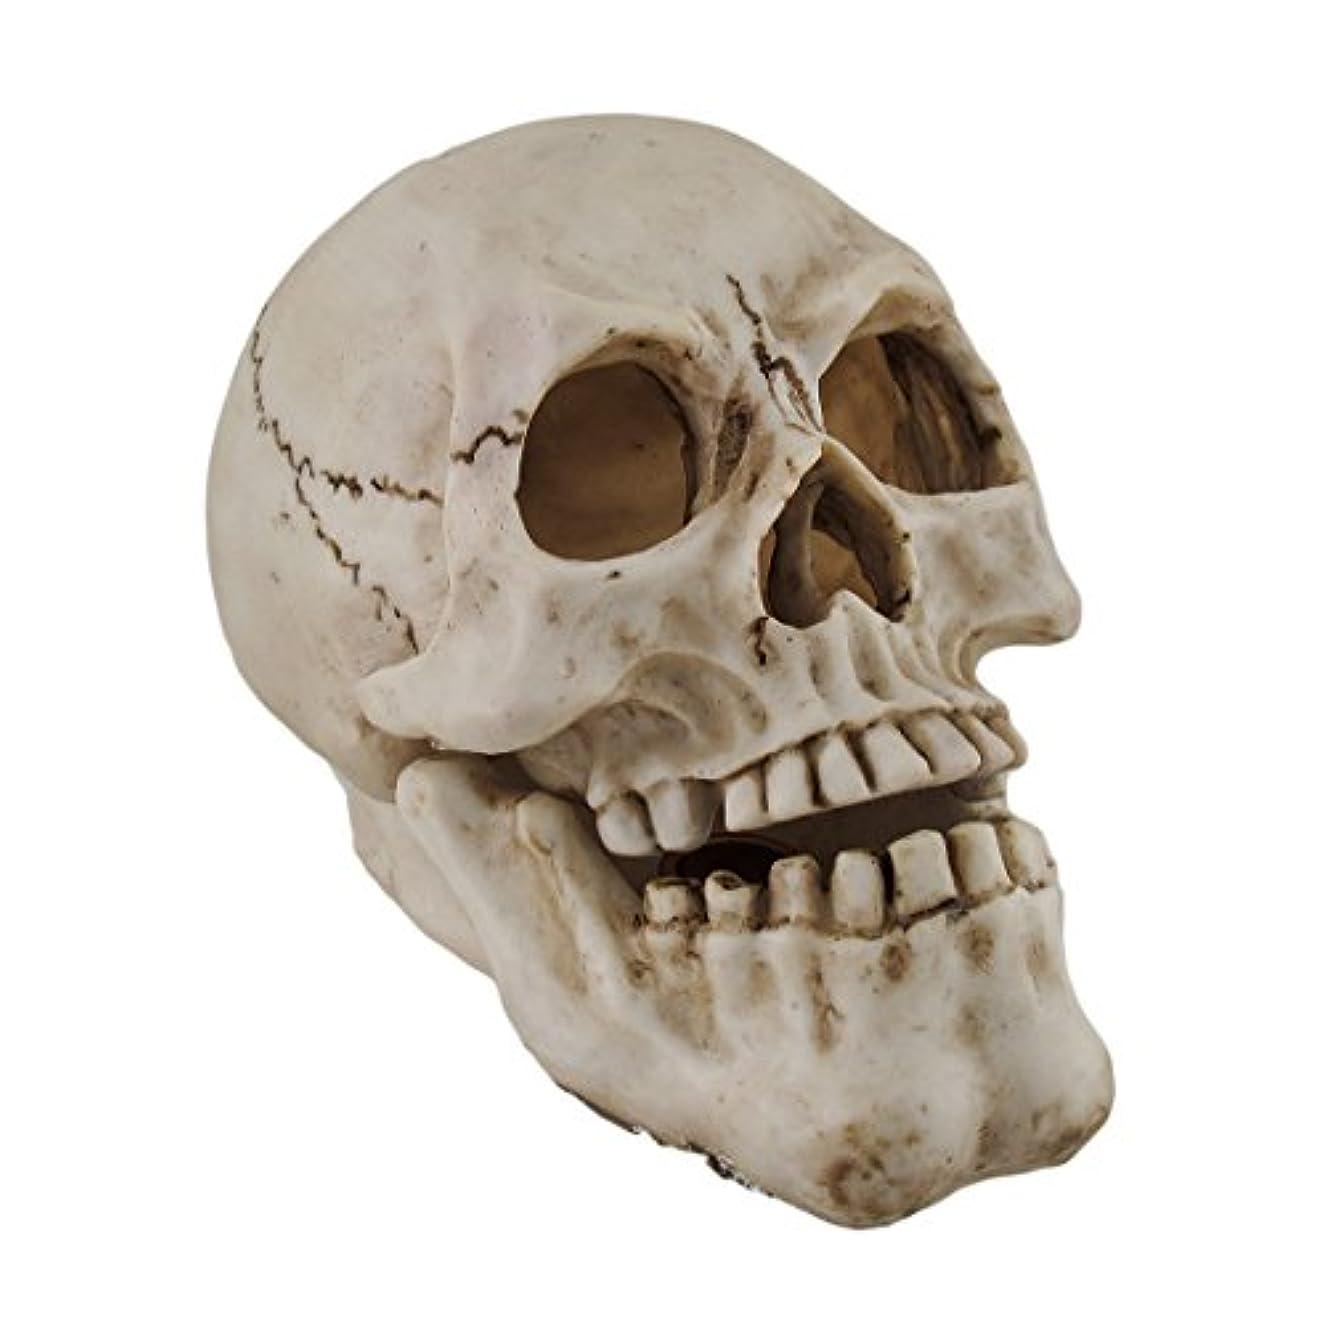 名目上の吹きさらし愛撫樹脂IncenseホルダーHuman Skull Shaped Incense Burnerボックス7.75 X 5.75 X 4.5インチホワイトモデル# pwh-63